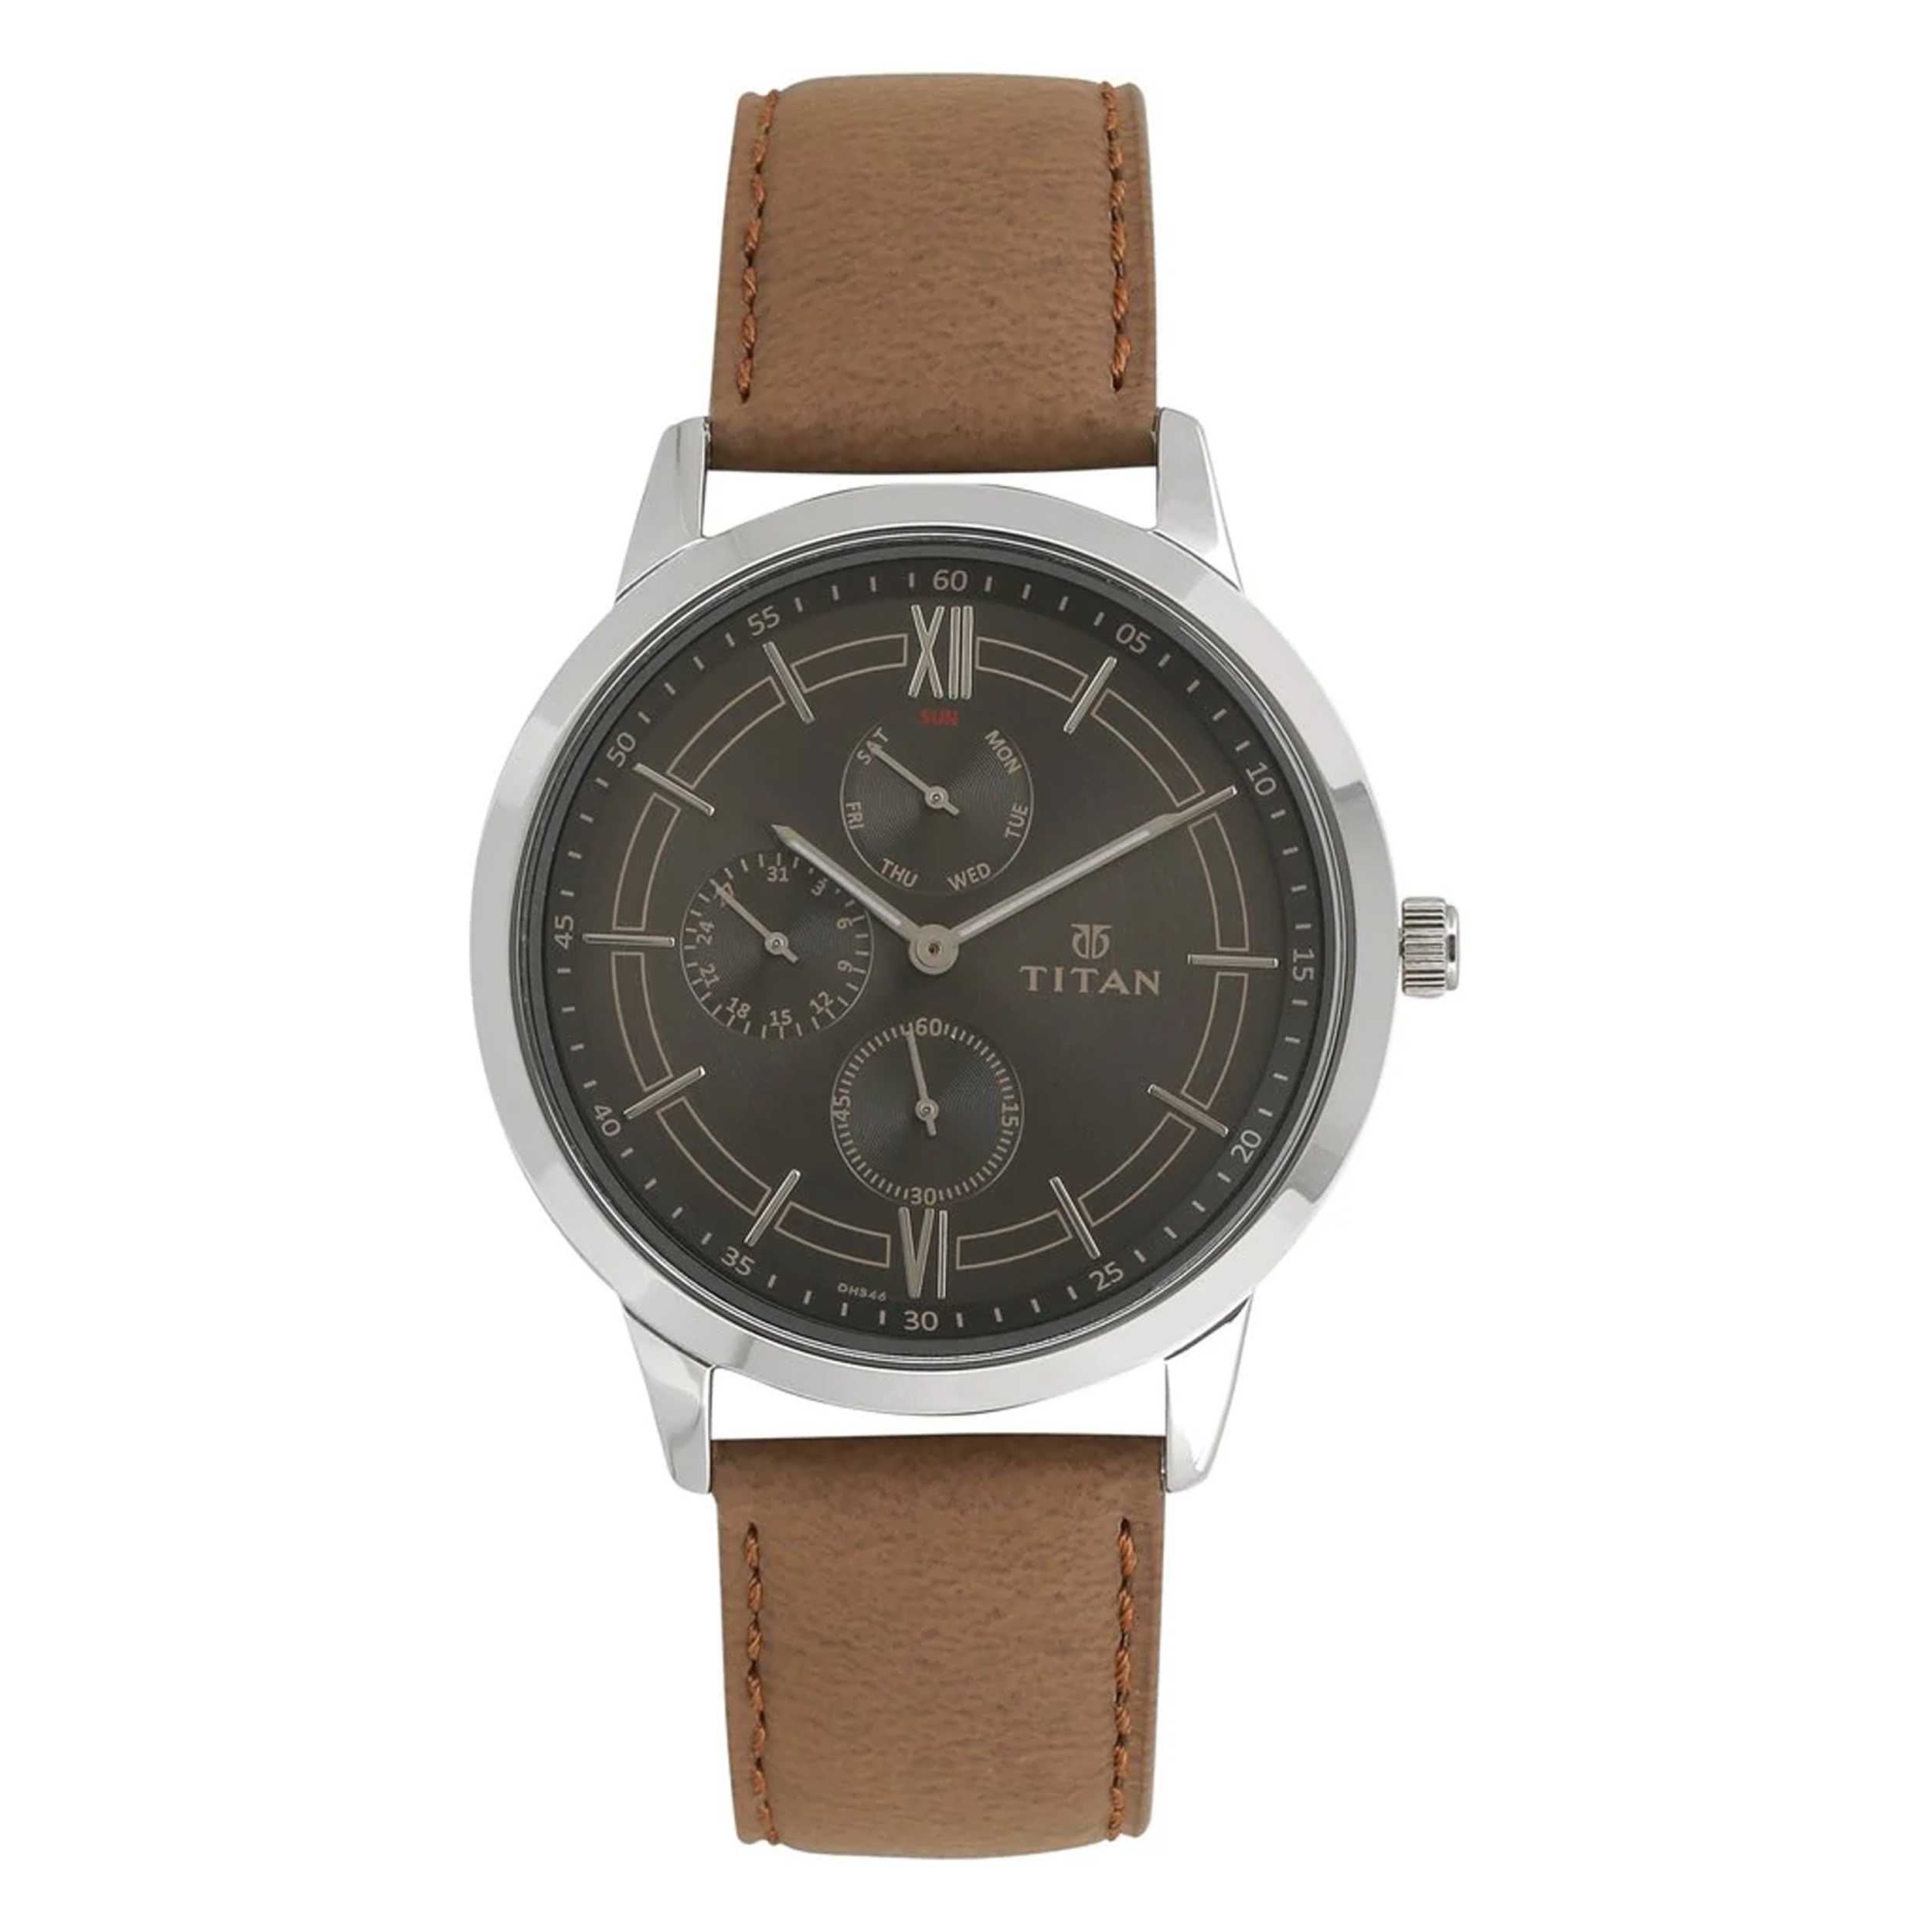 ساعت مچی عقربه ای مردانه تیتان مدل T1769SL01